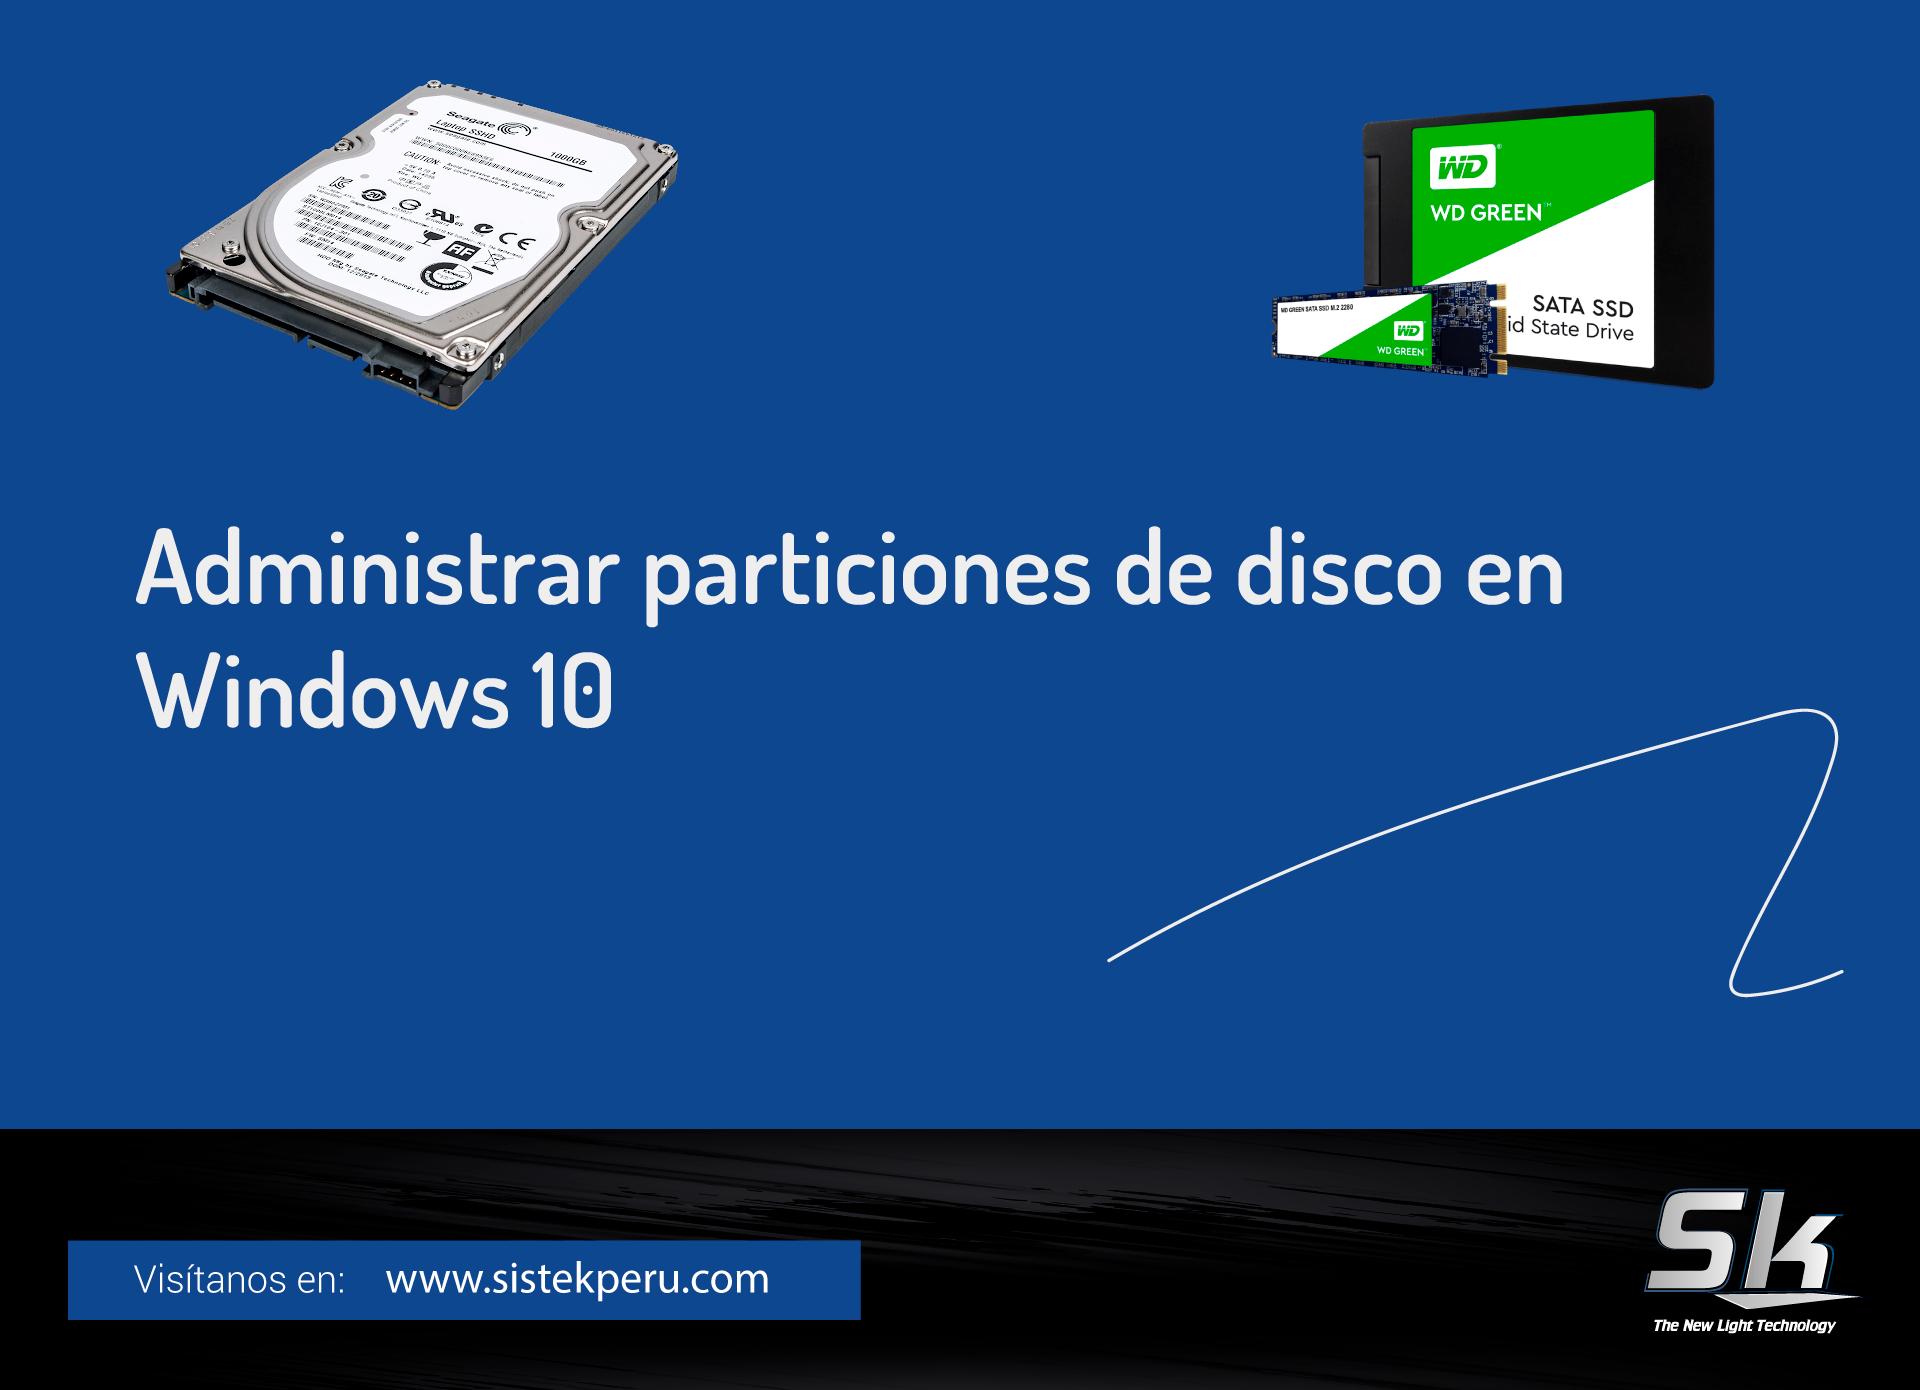 Administrar particiones de disco en Windows 10